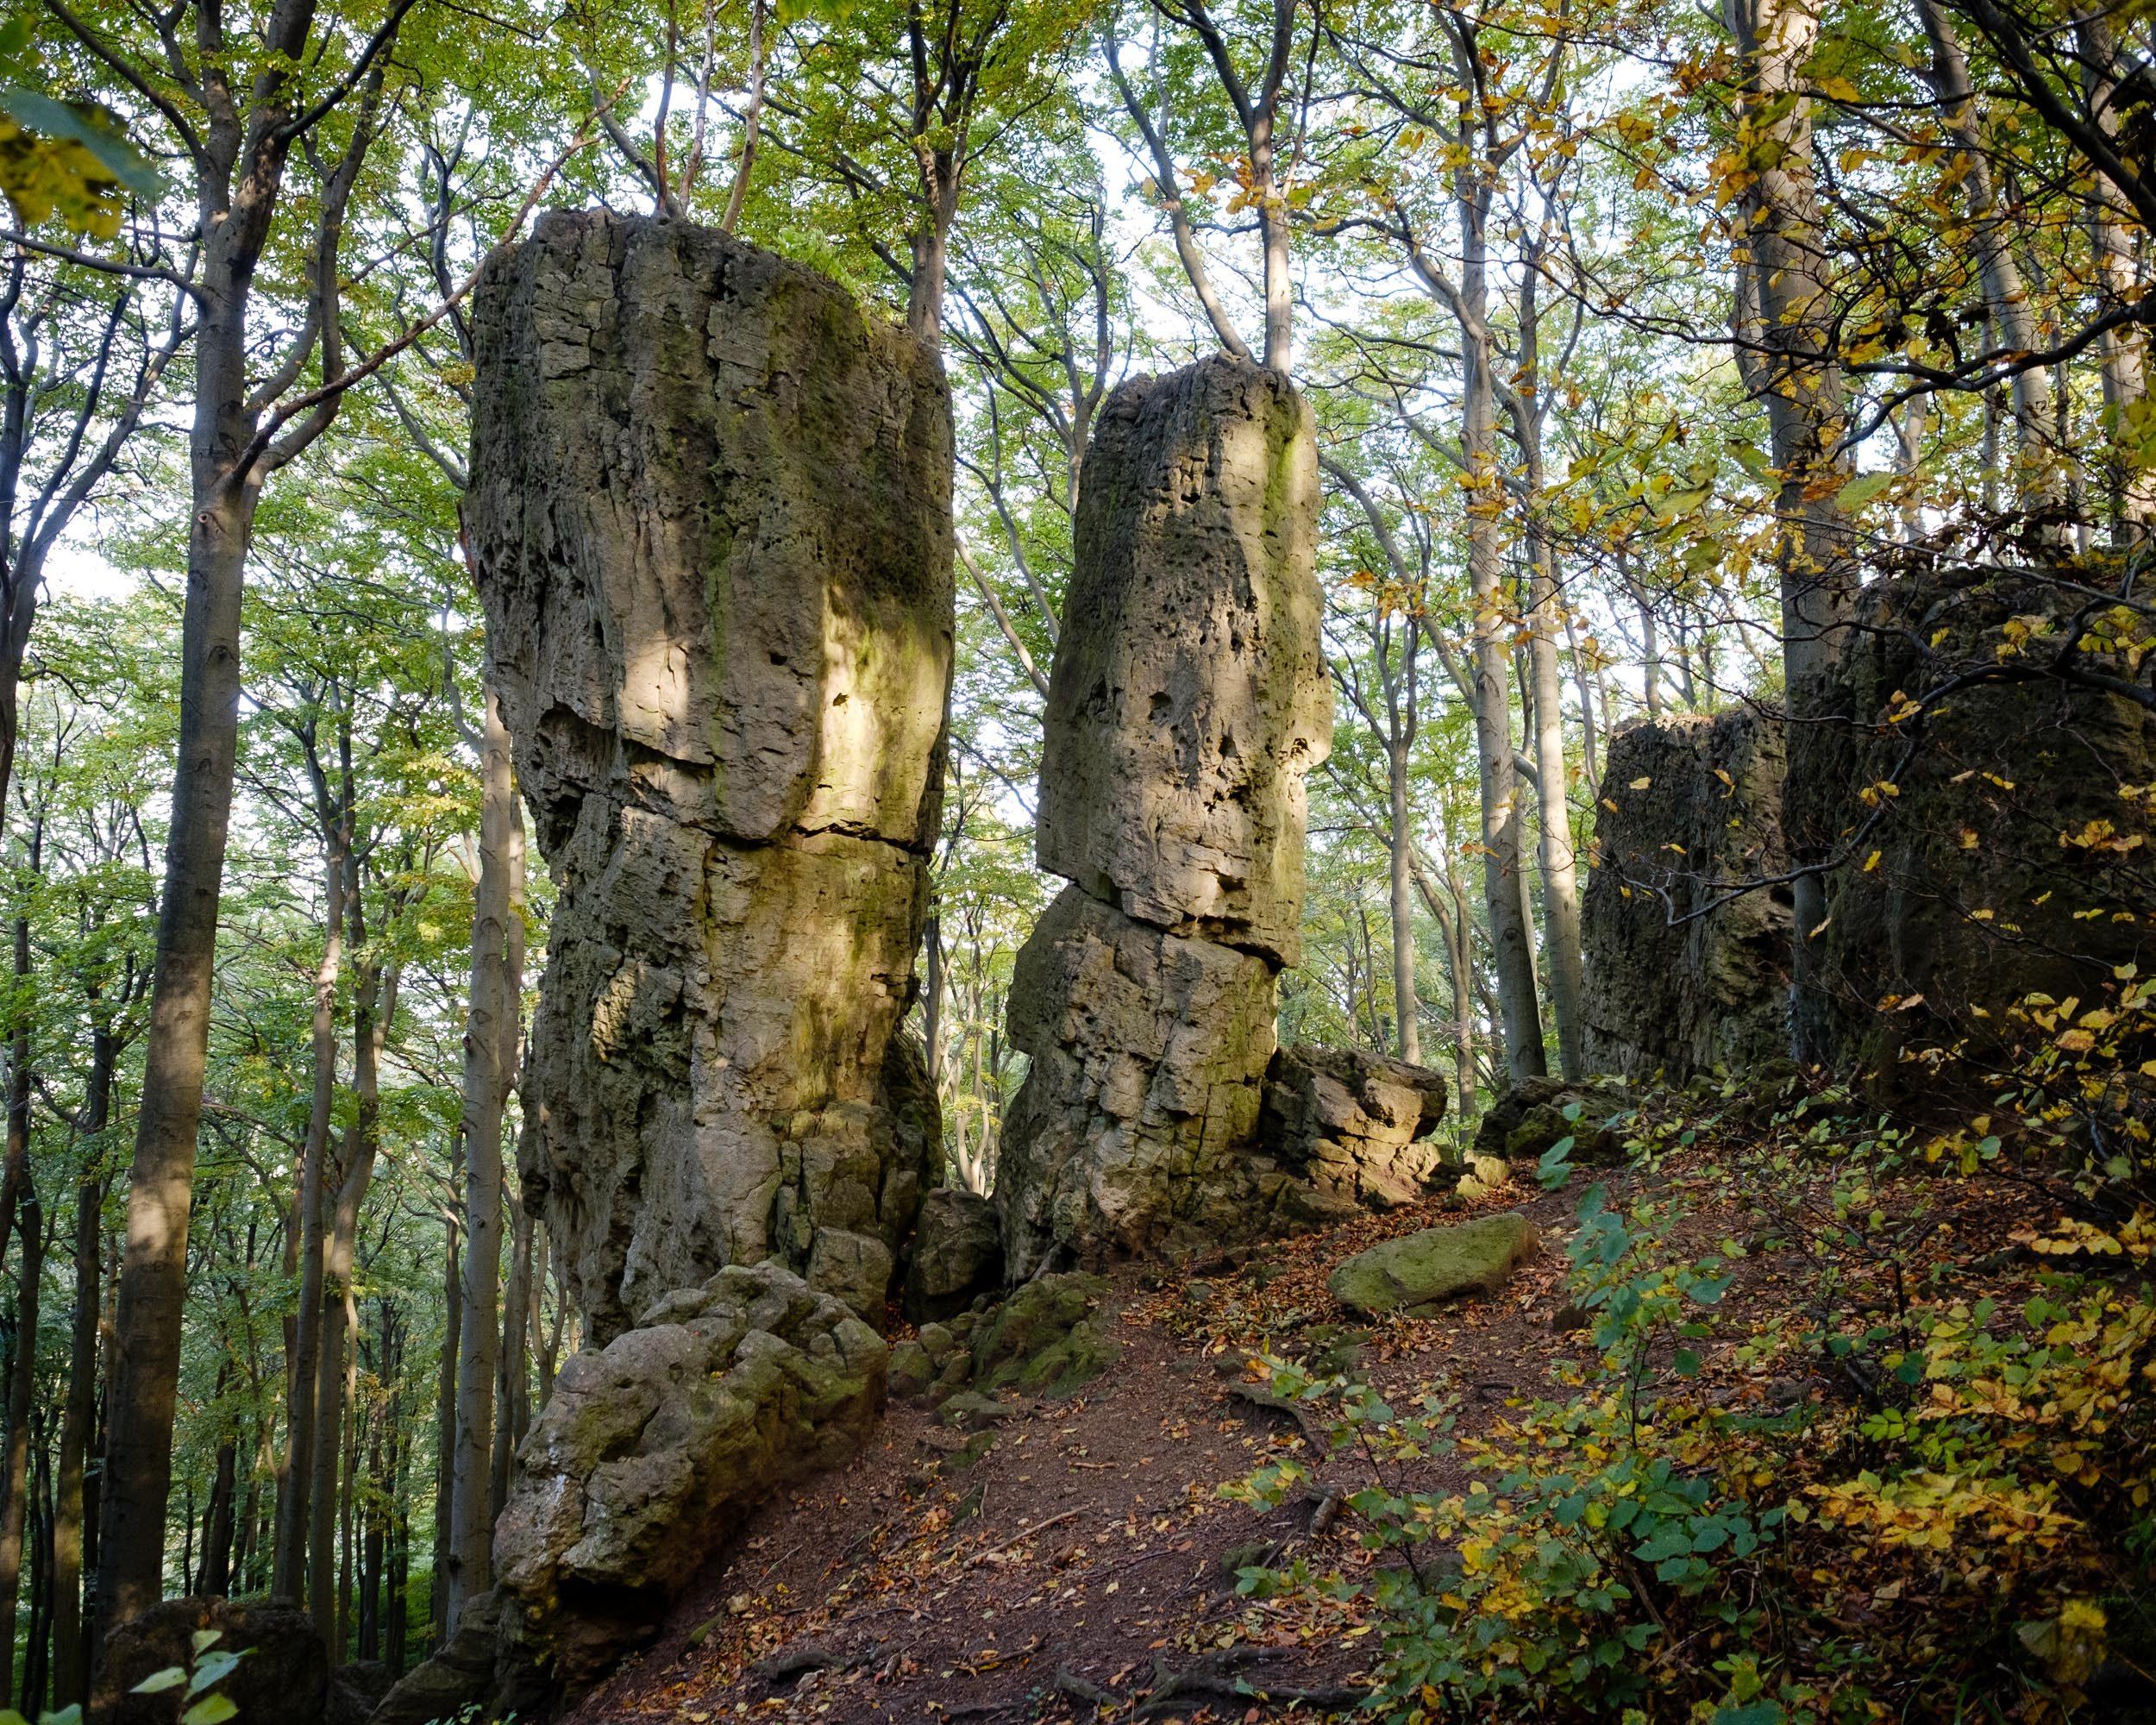 Adam und Eva, Kammweg Ith, Weserbergland